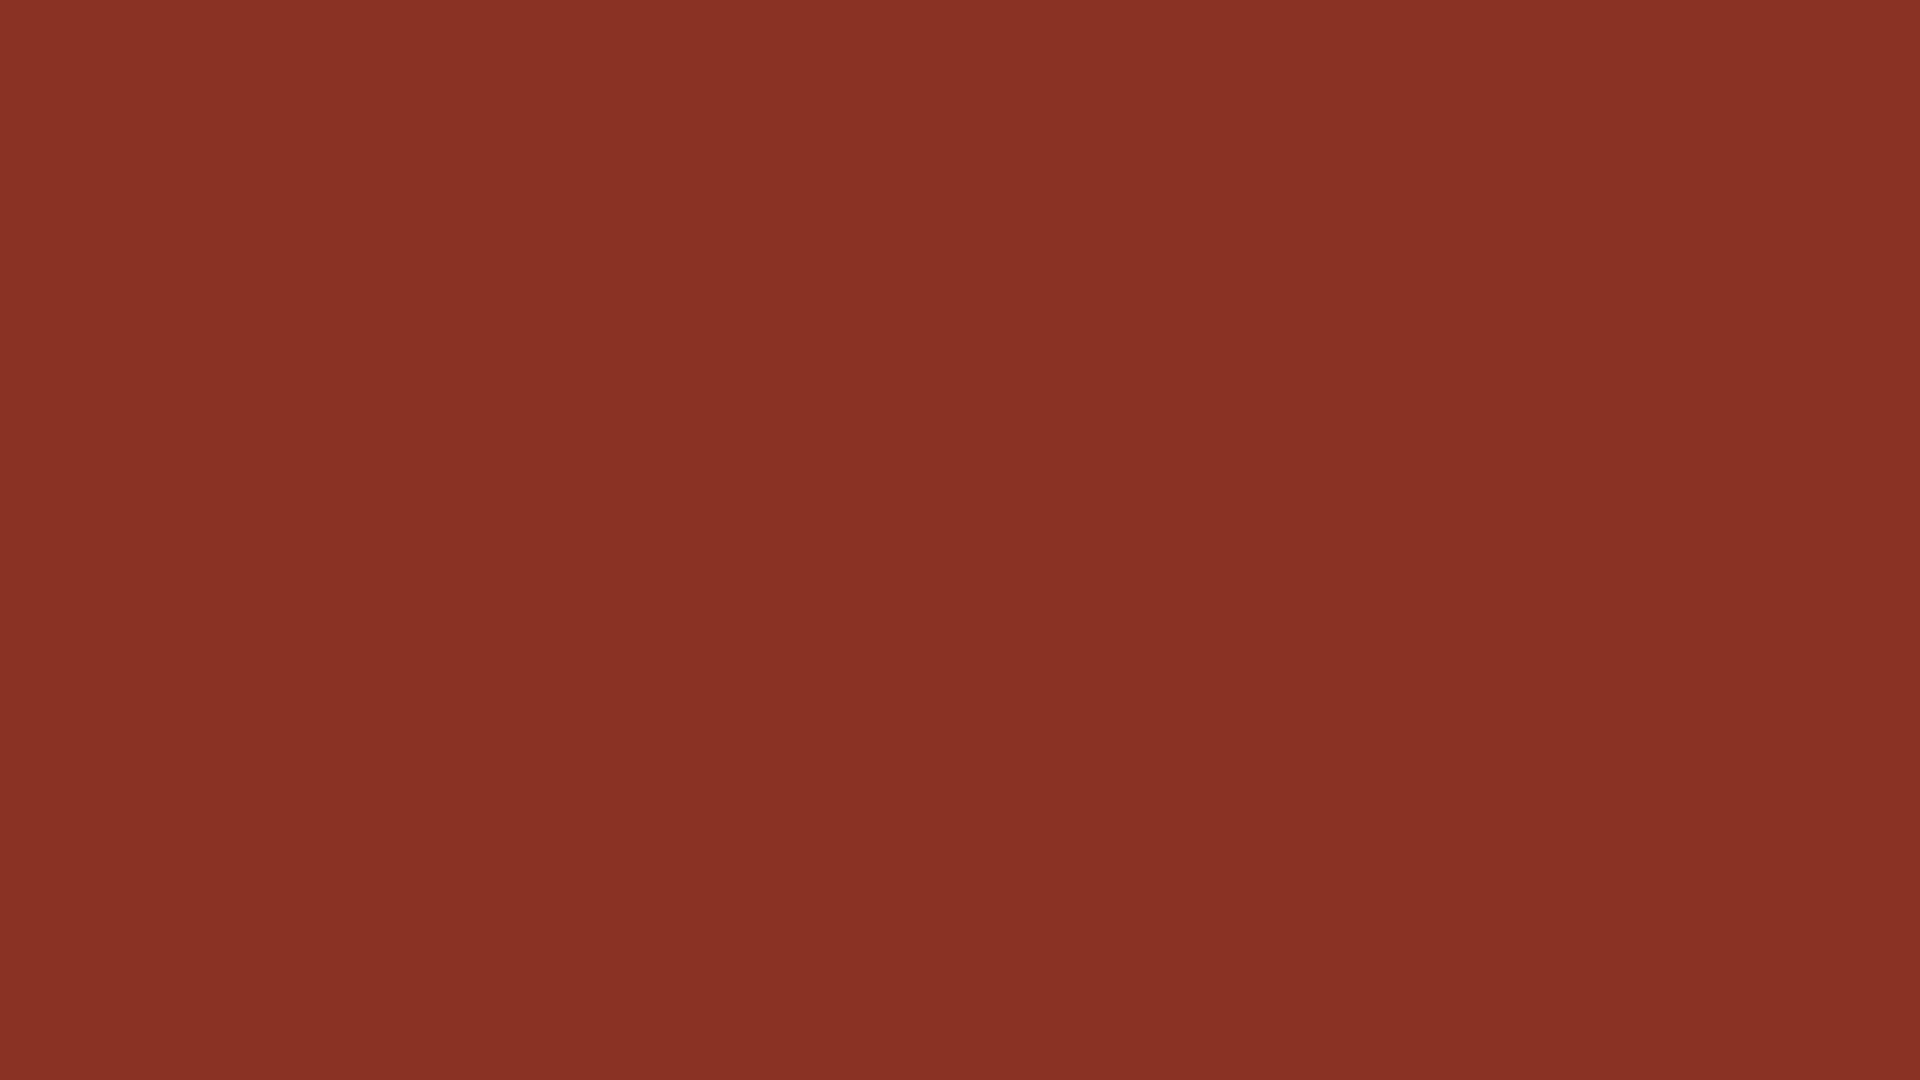 1920x1080 Burnt Umber Solid Color Background